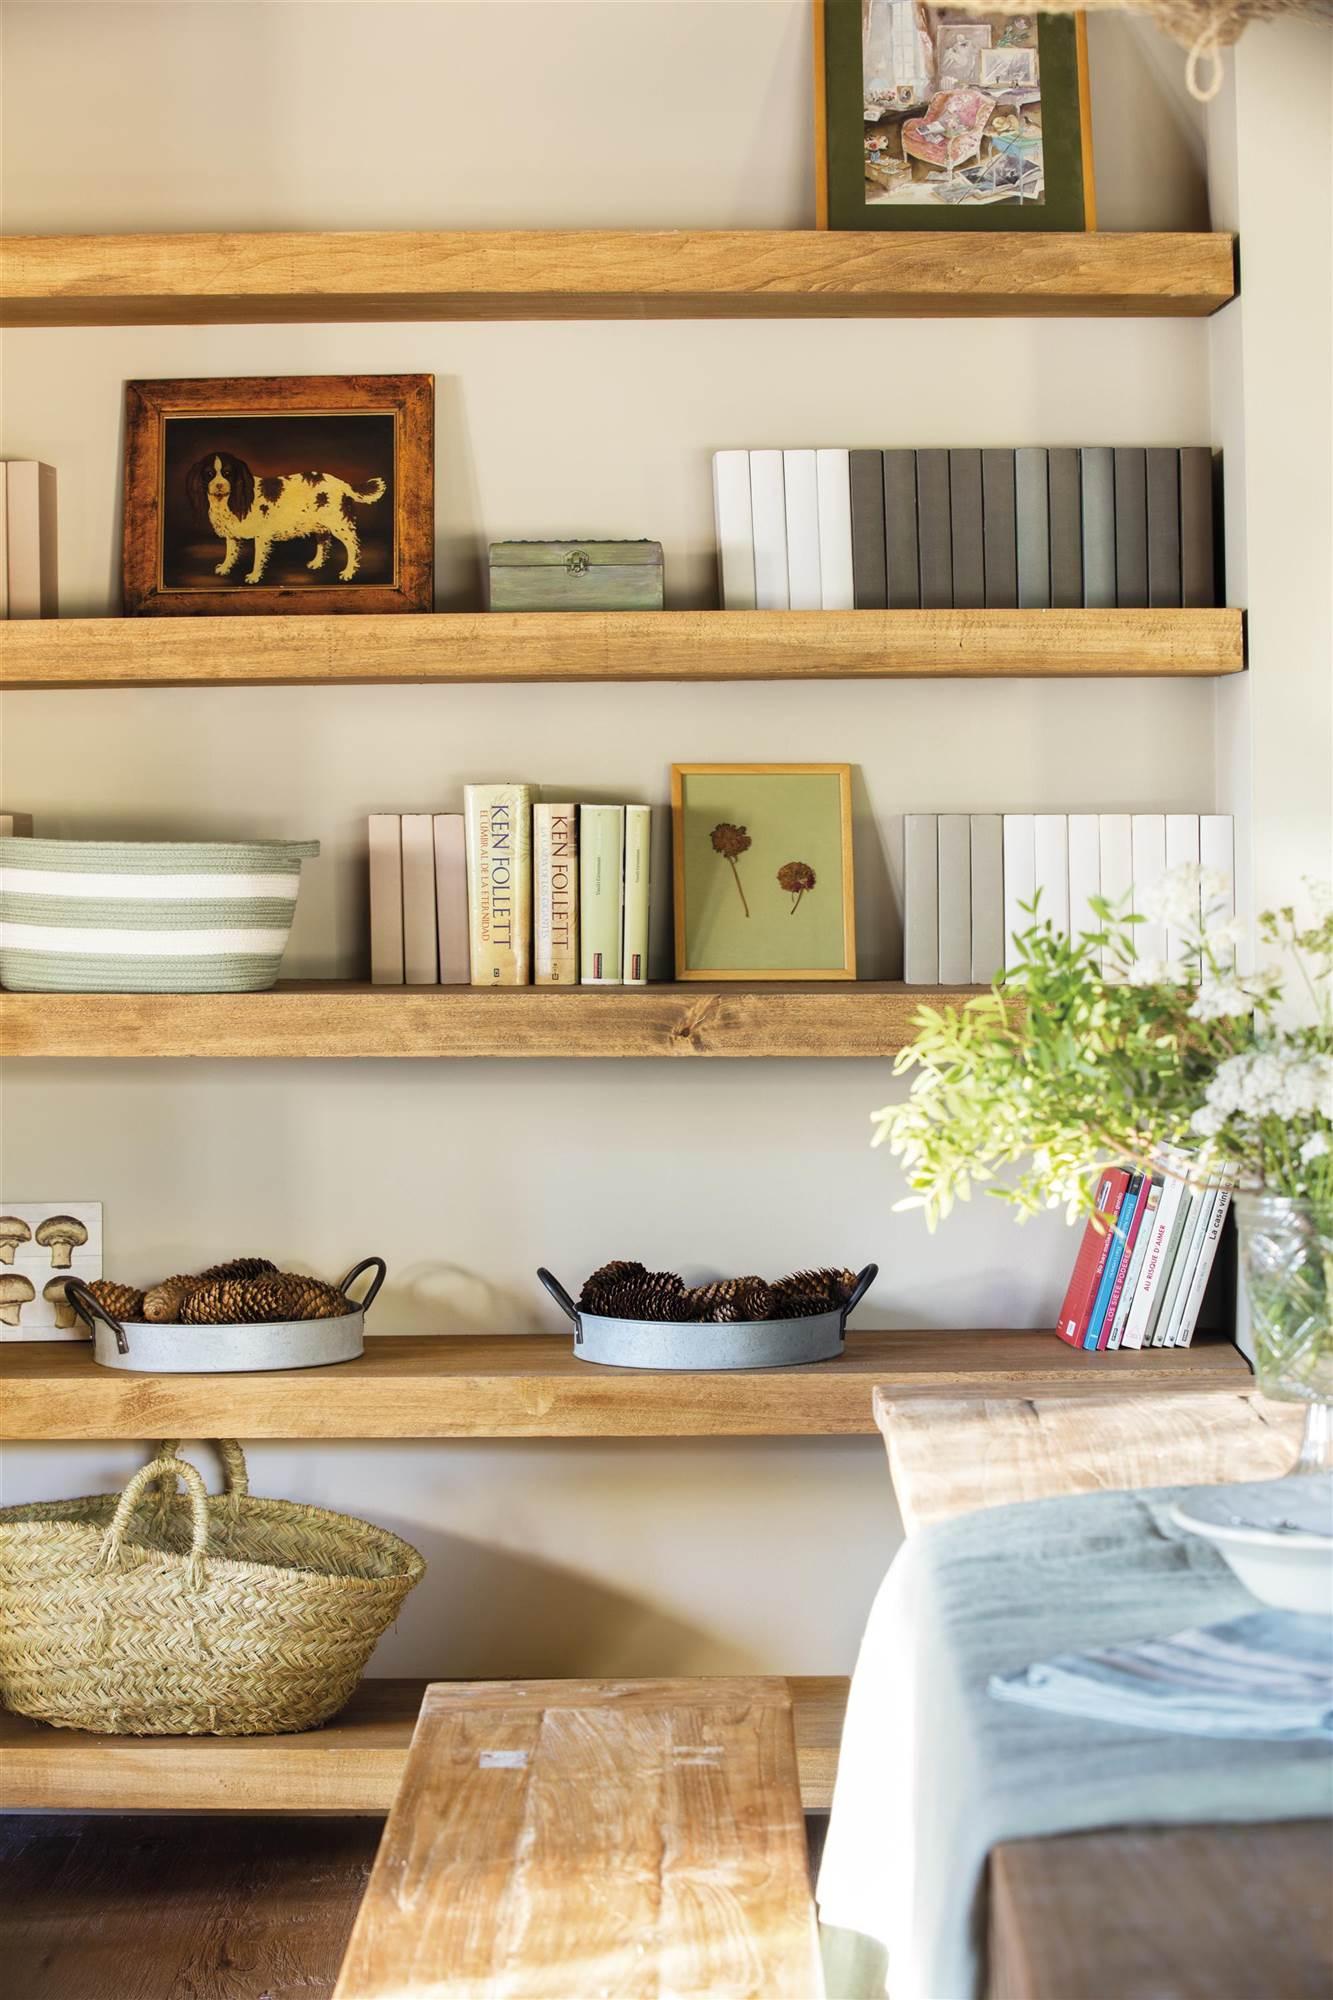 89 fotos de estantes - Estanterias en madera ...